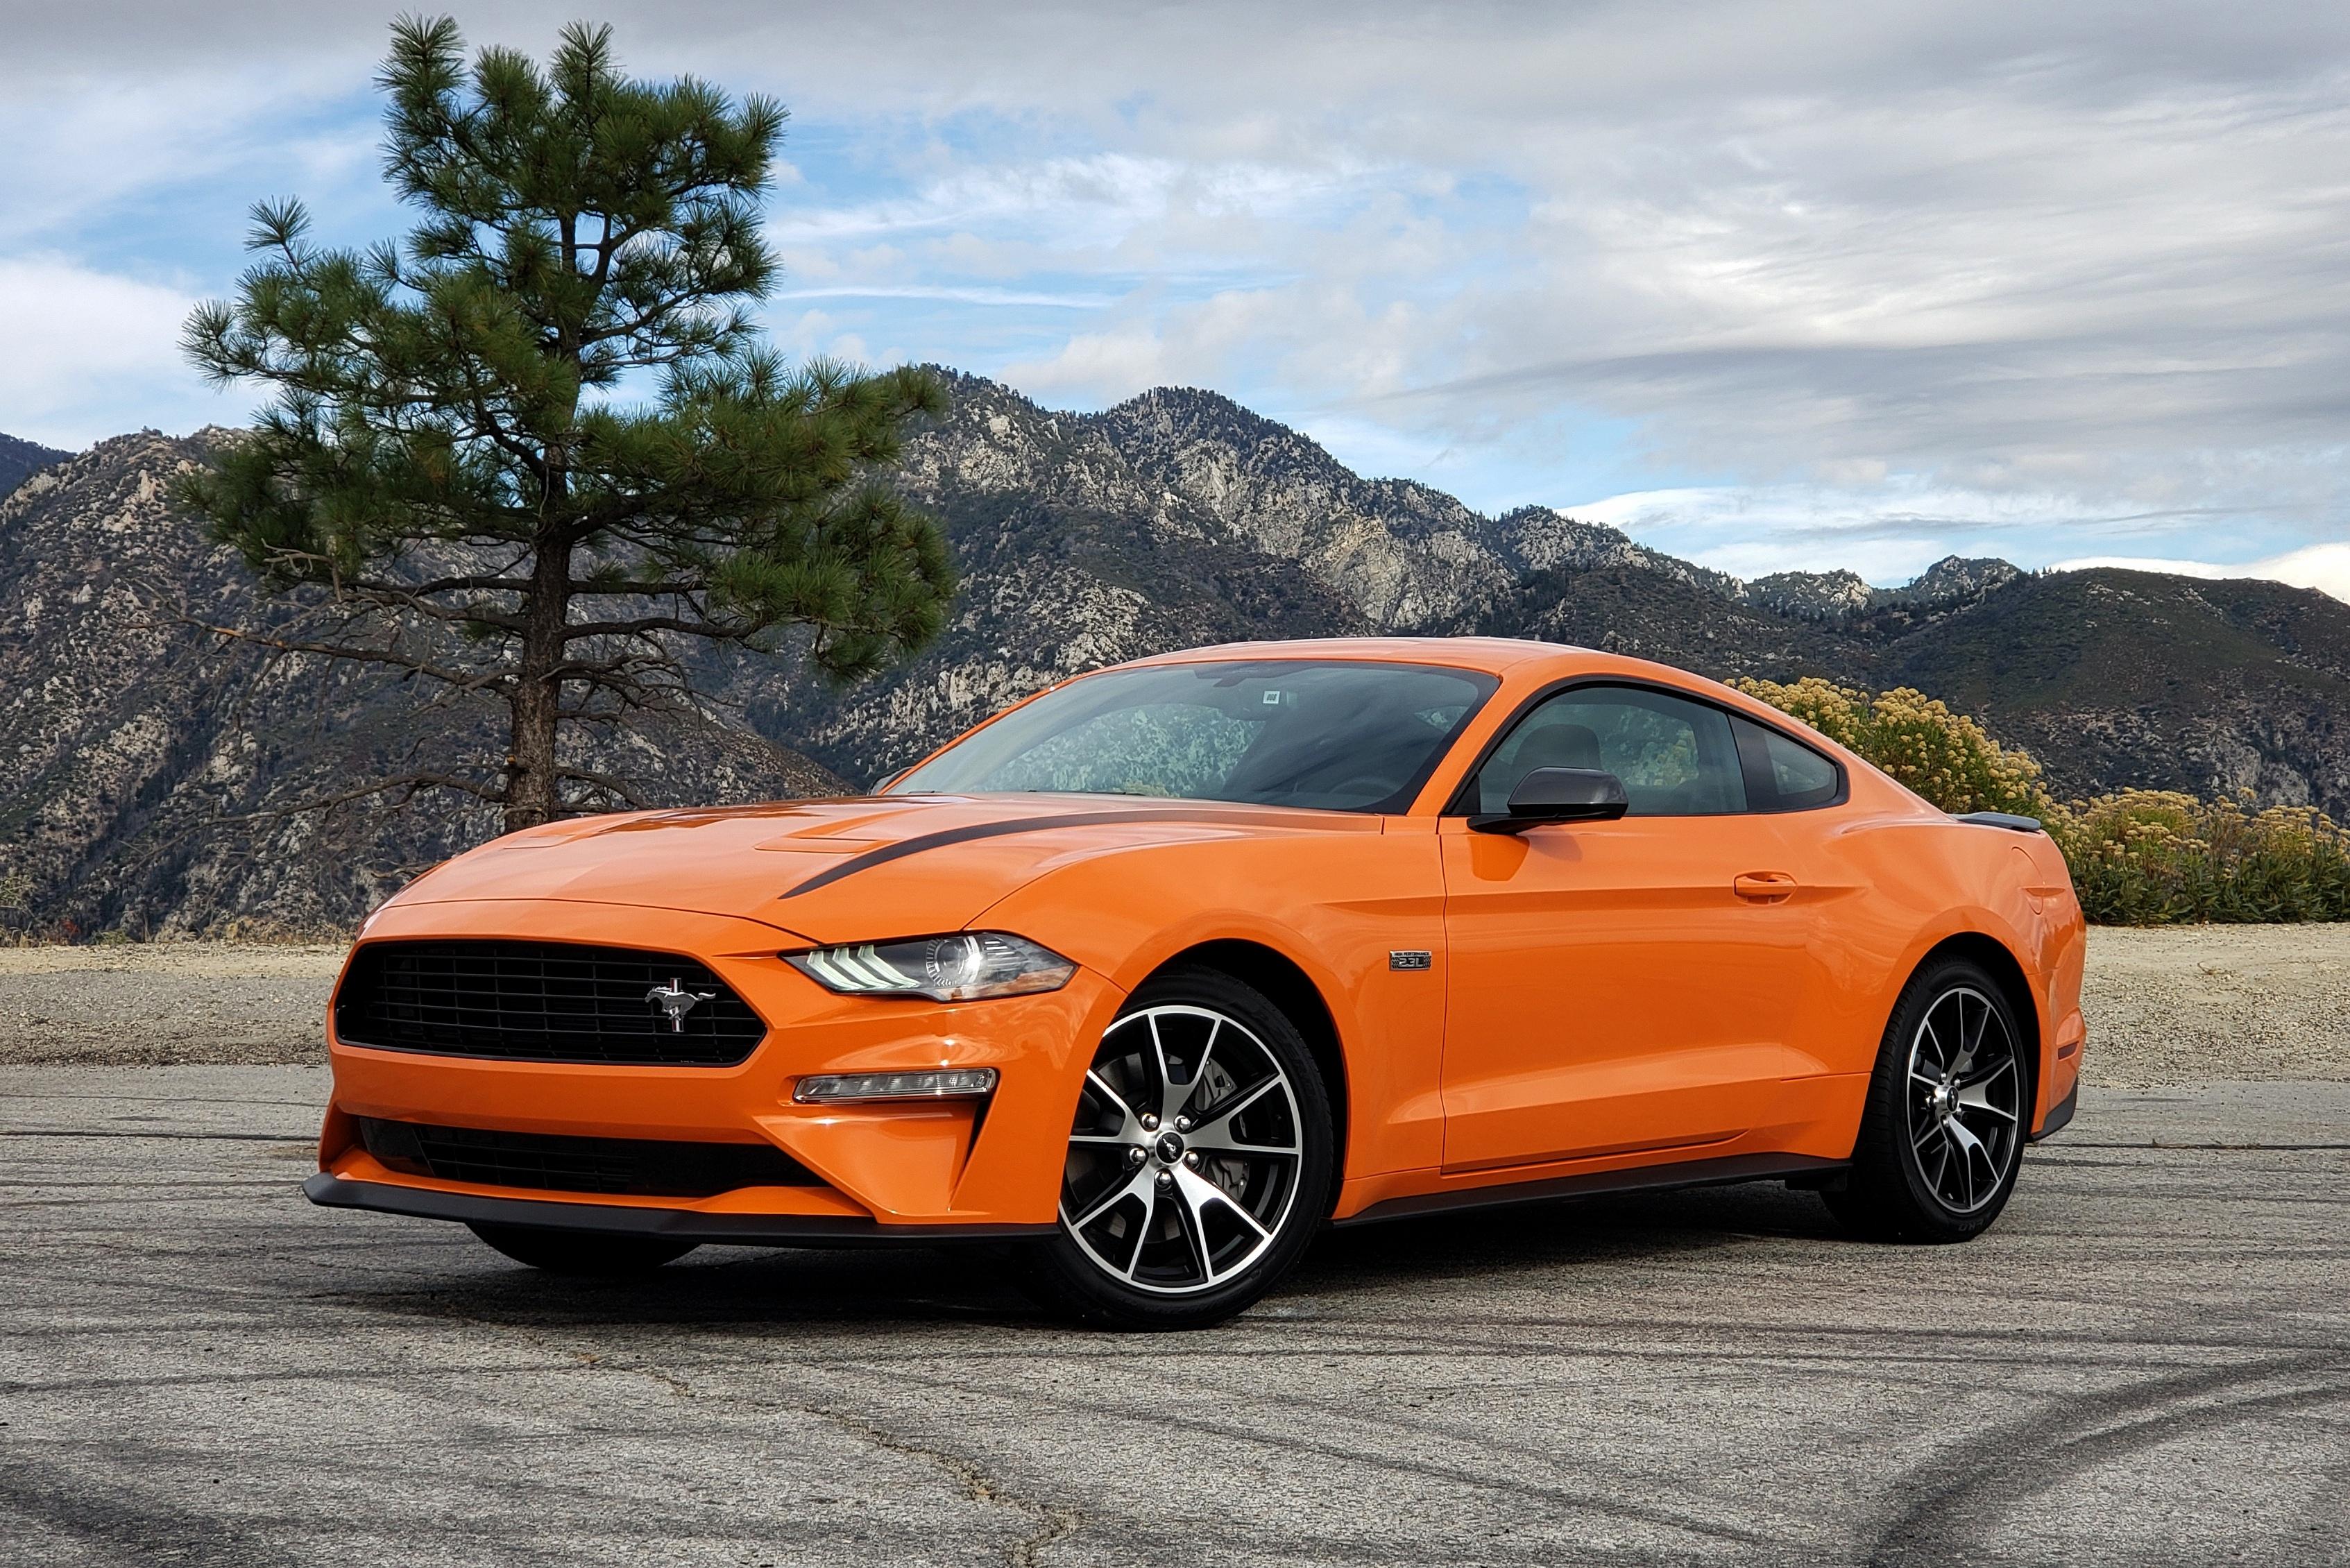 O Mustang 2.3 tem suspensão mais comportada e adequada para o dia a dia